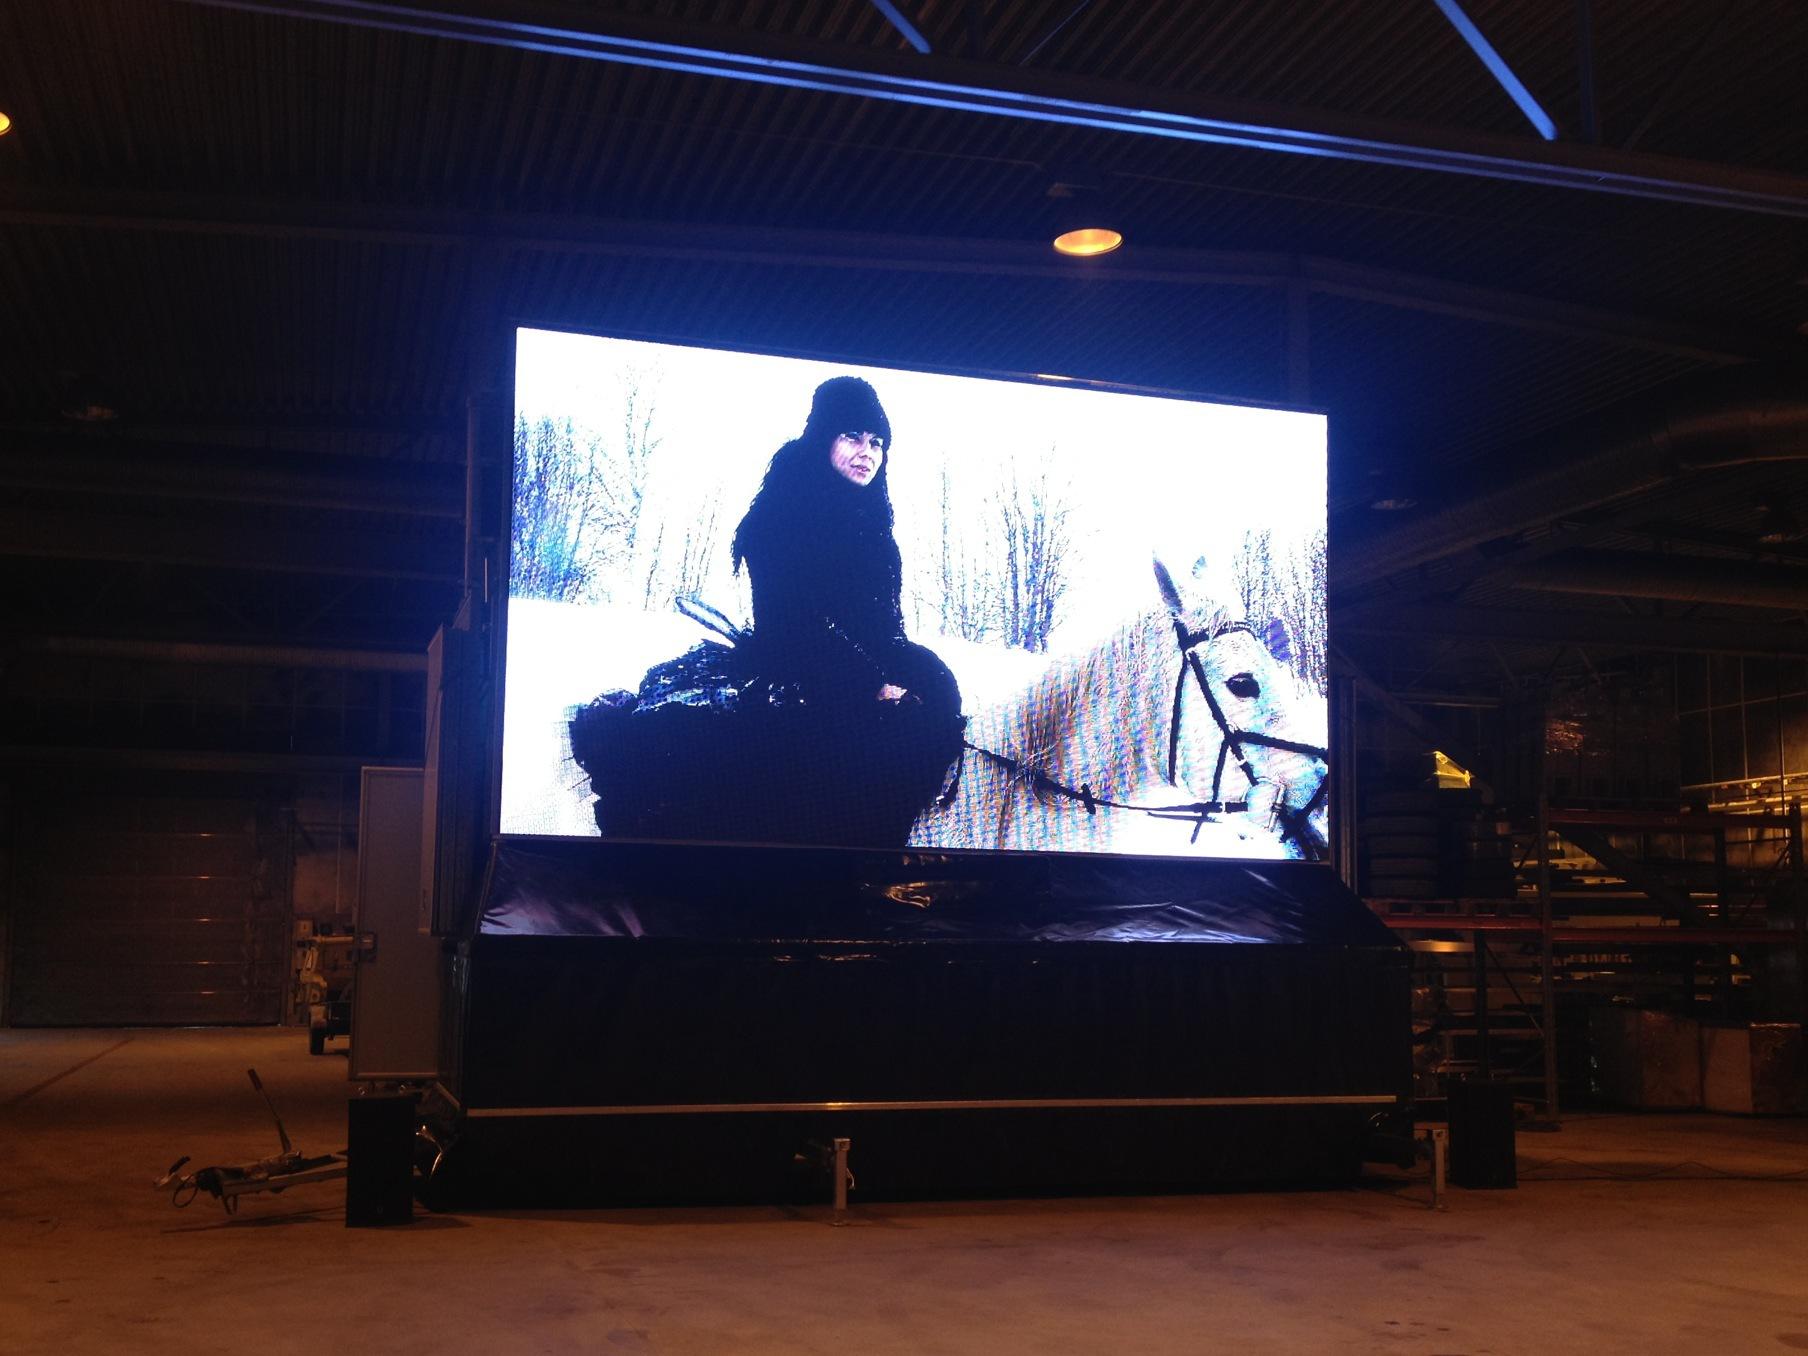 Påvårt möte med Pro-Stage möttes vi av derasstorbildsskärmdärvår film från Midvinterglöd 2012 spelades upp!Mäktigt! Nu kommer skärmen till Midvinterglöd!